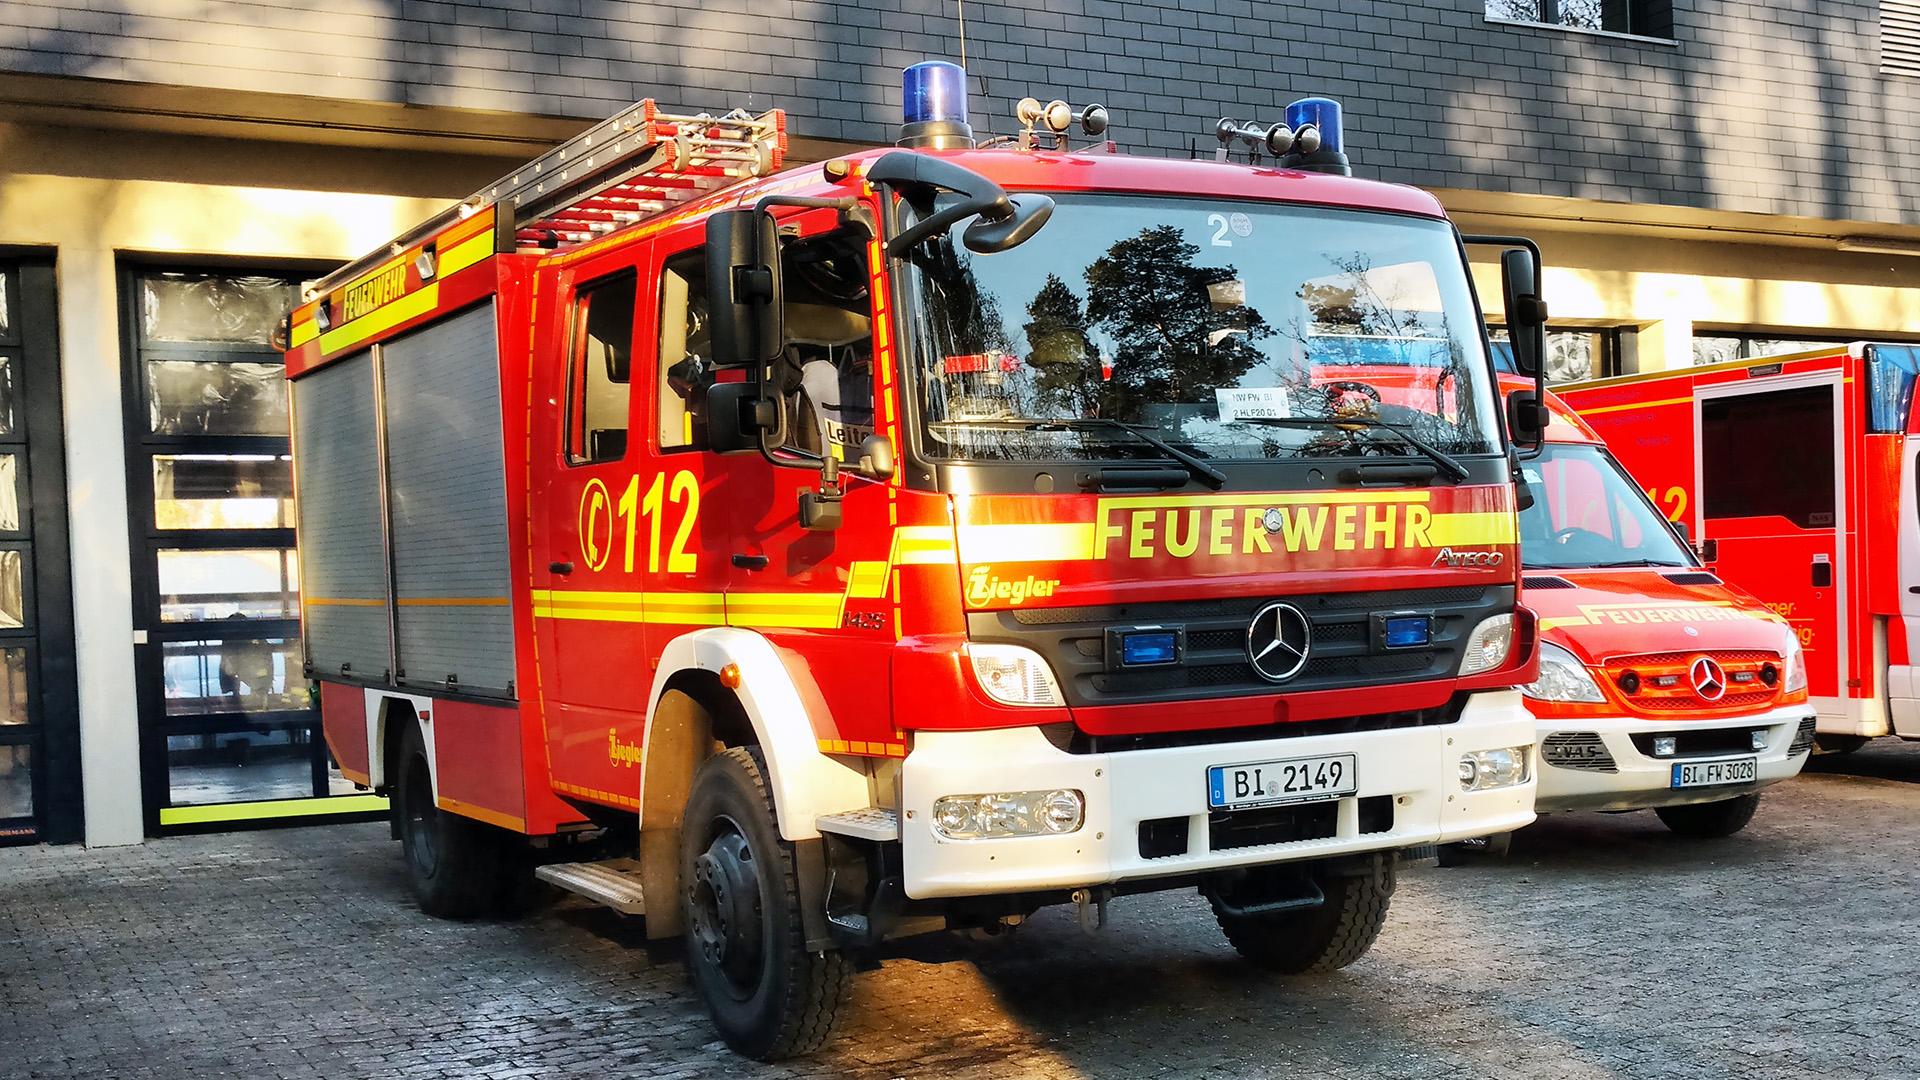 HLF20 Feuerwehr Bielefeld